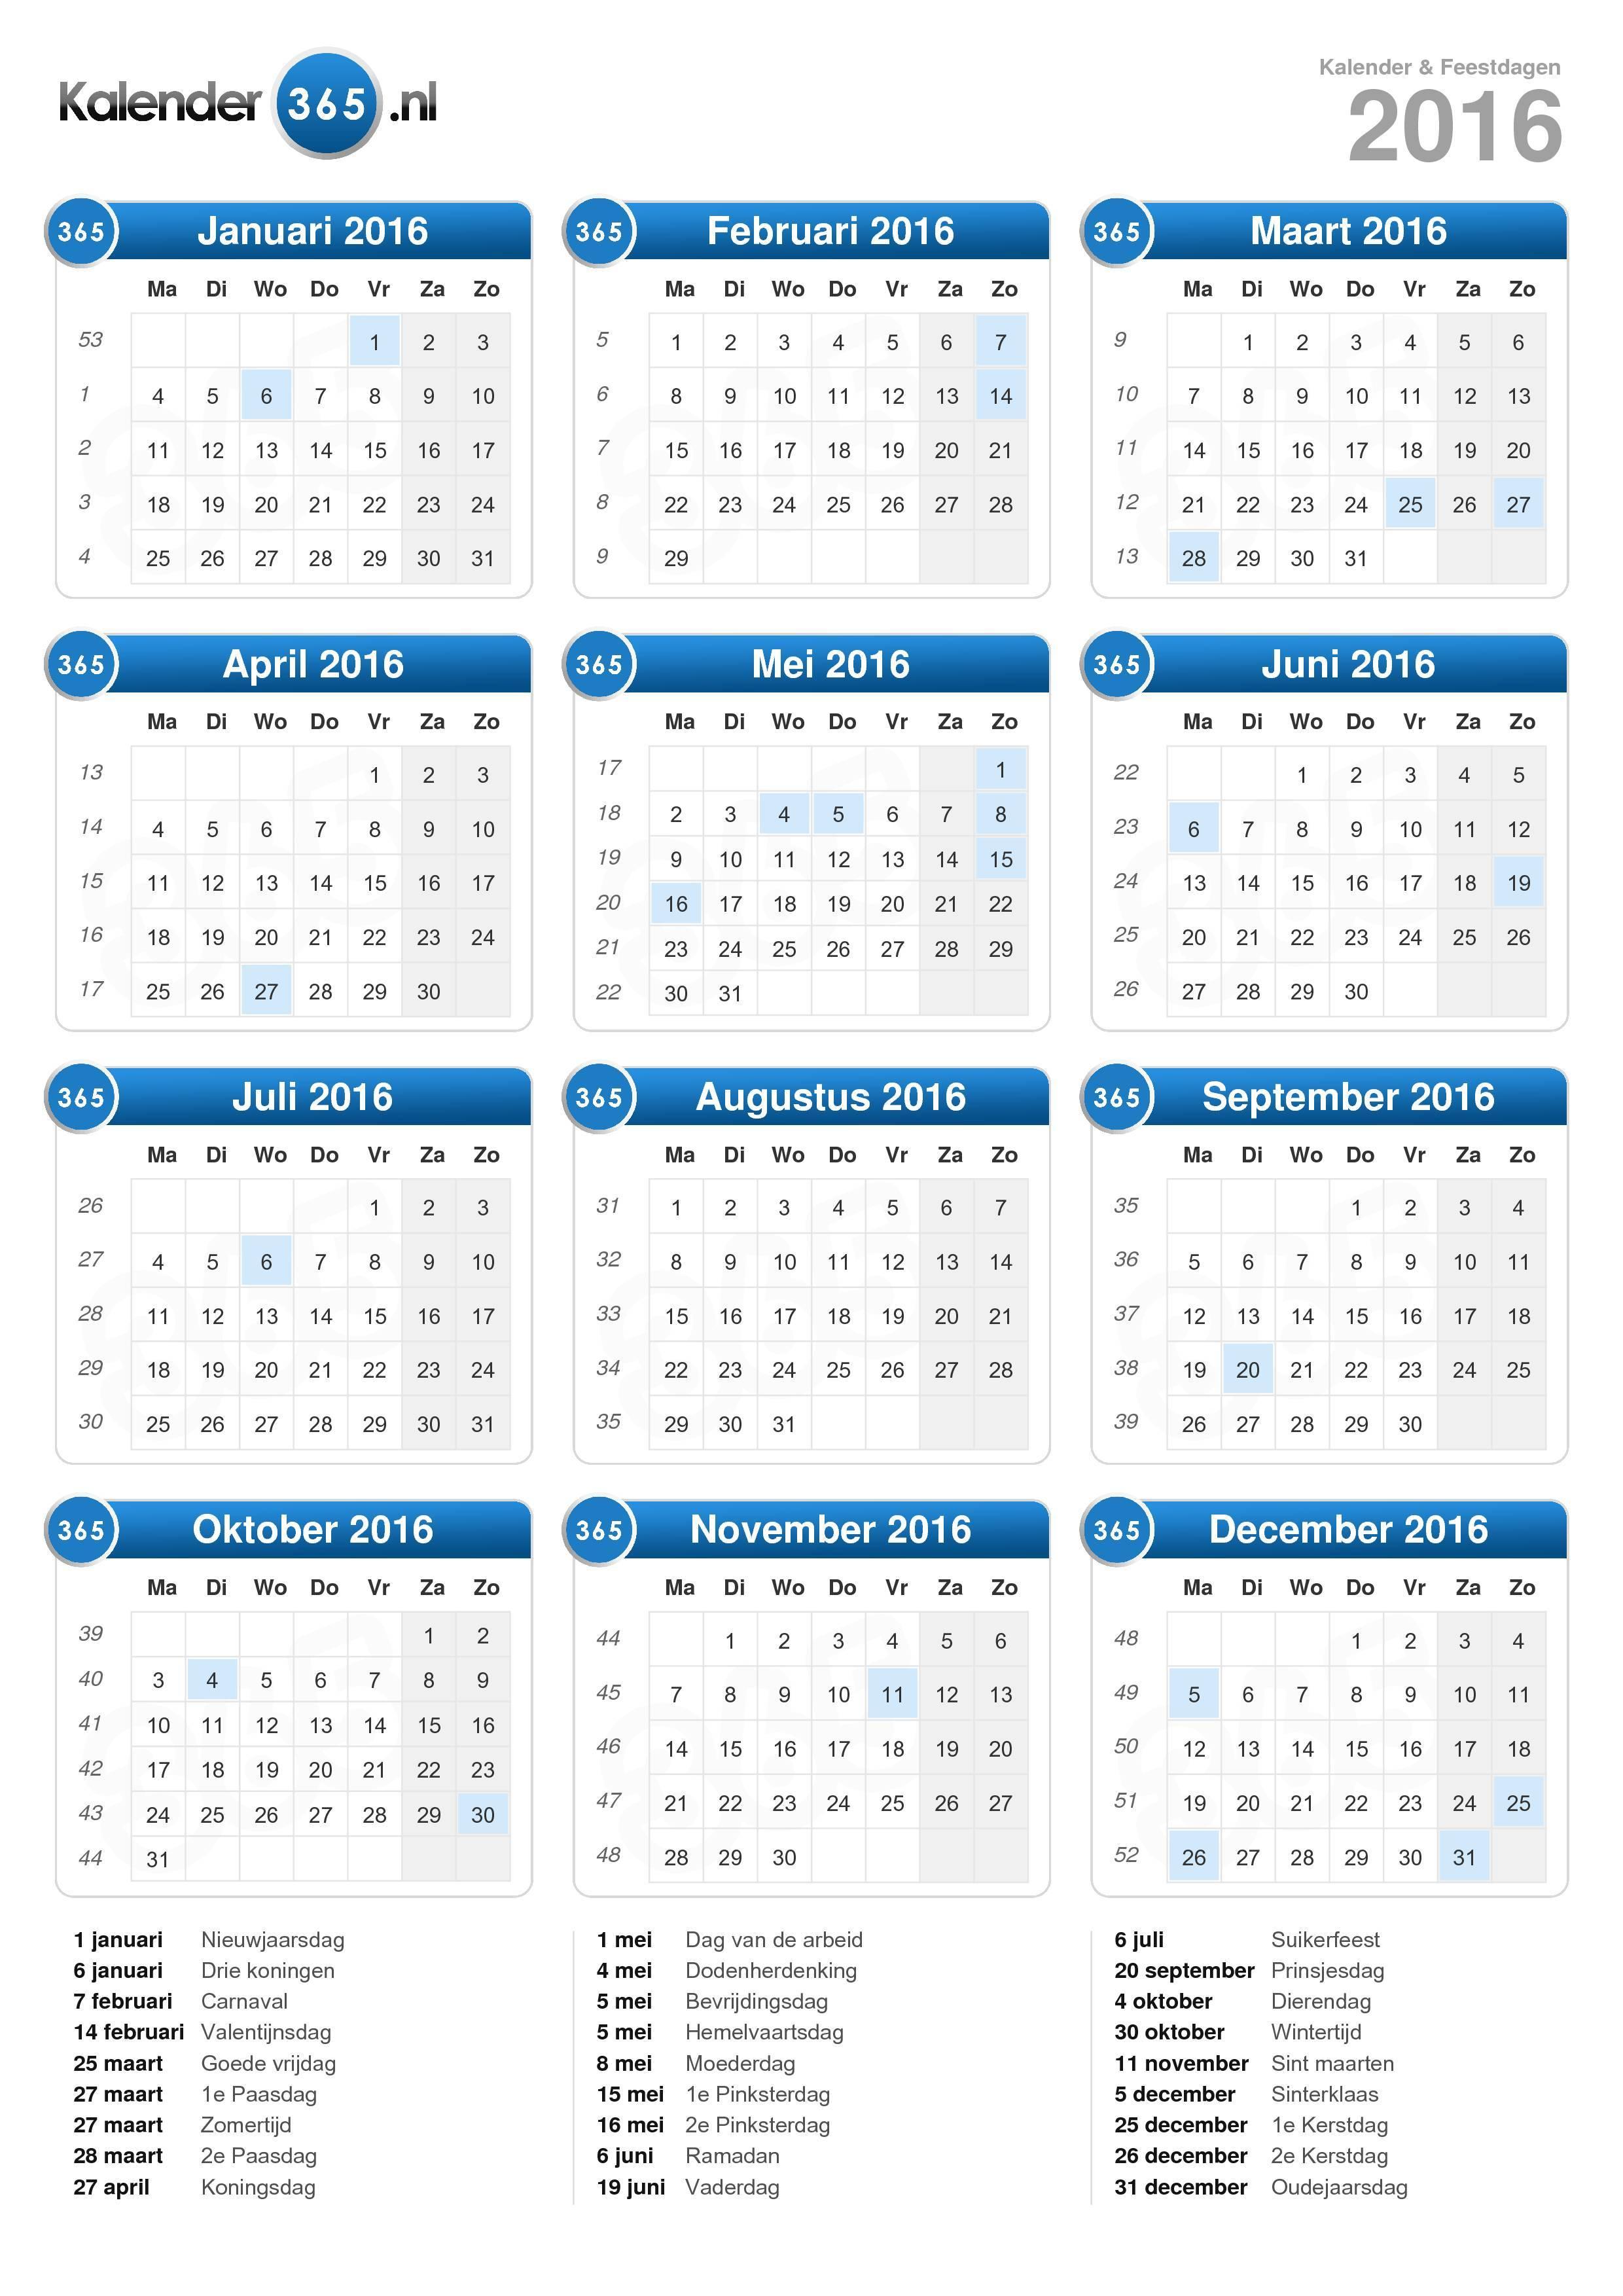 Kalender 2016 (staand formaat)